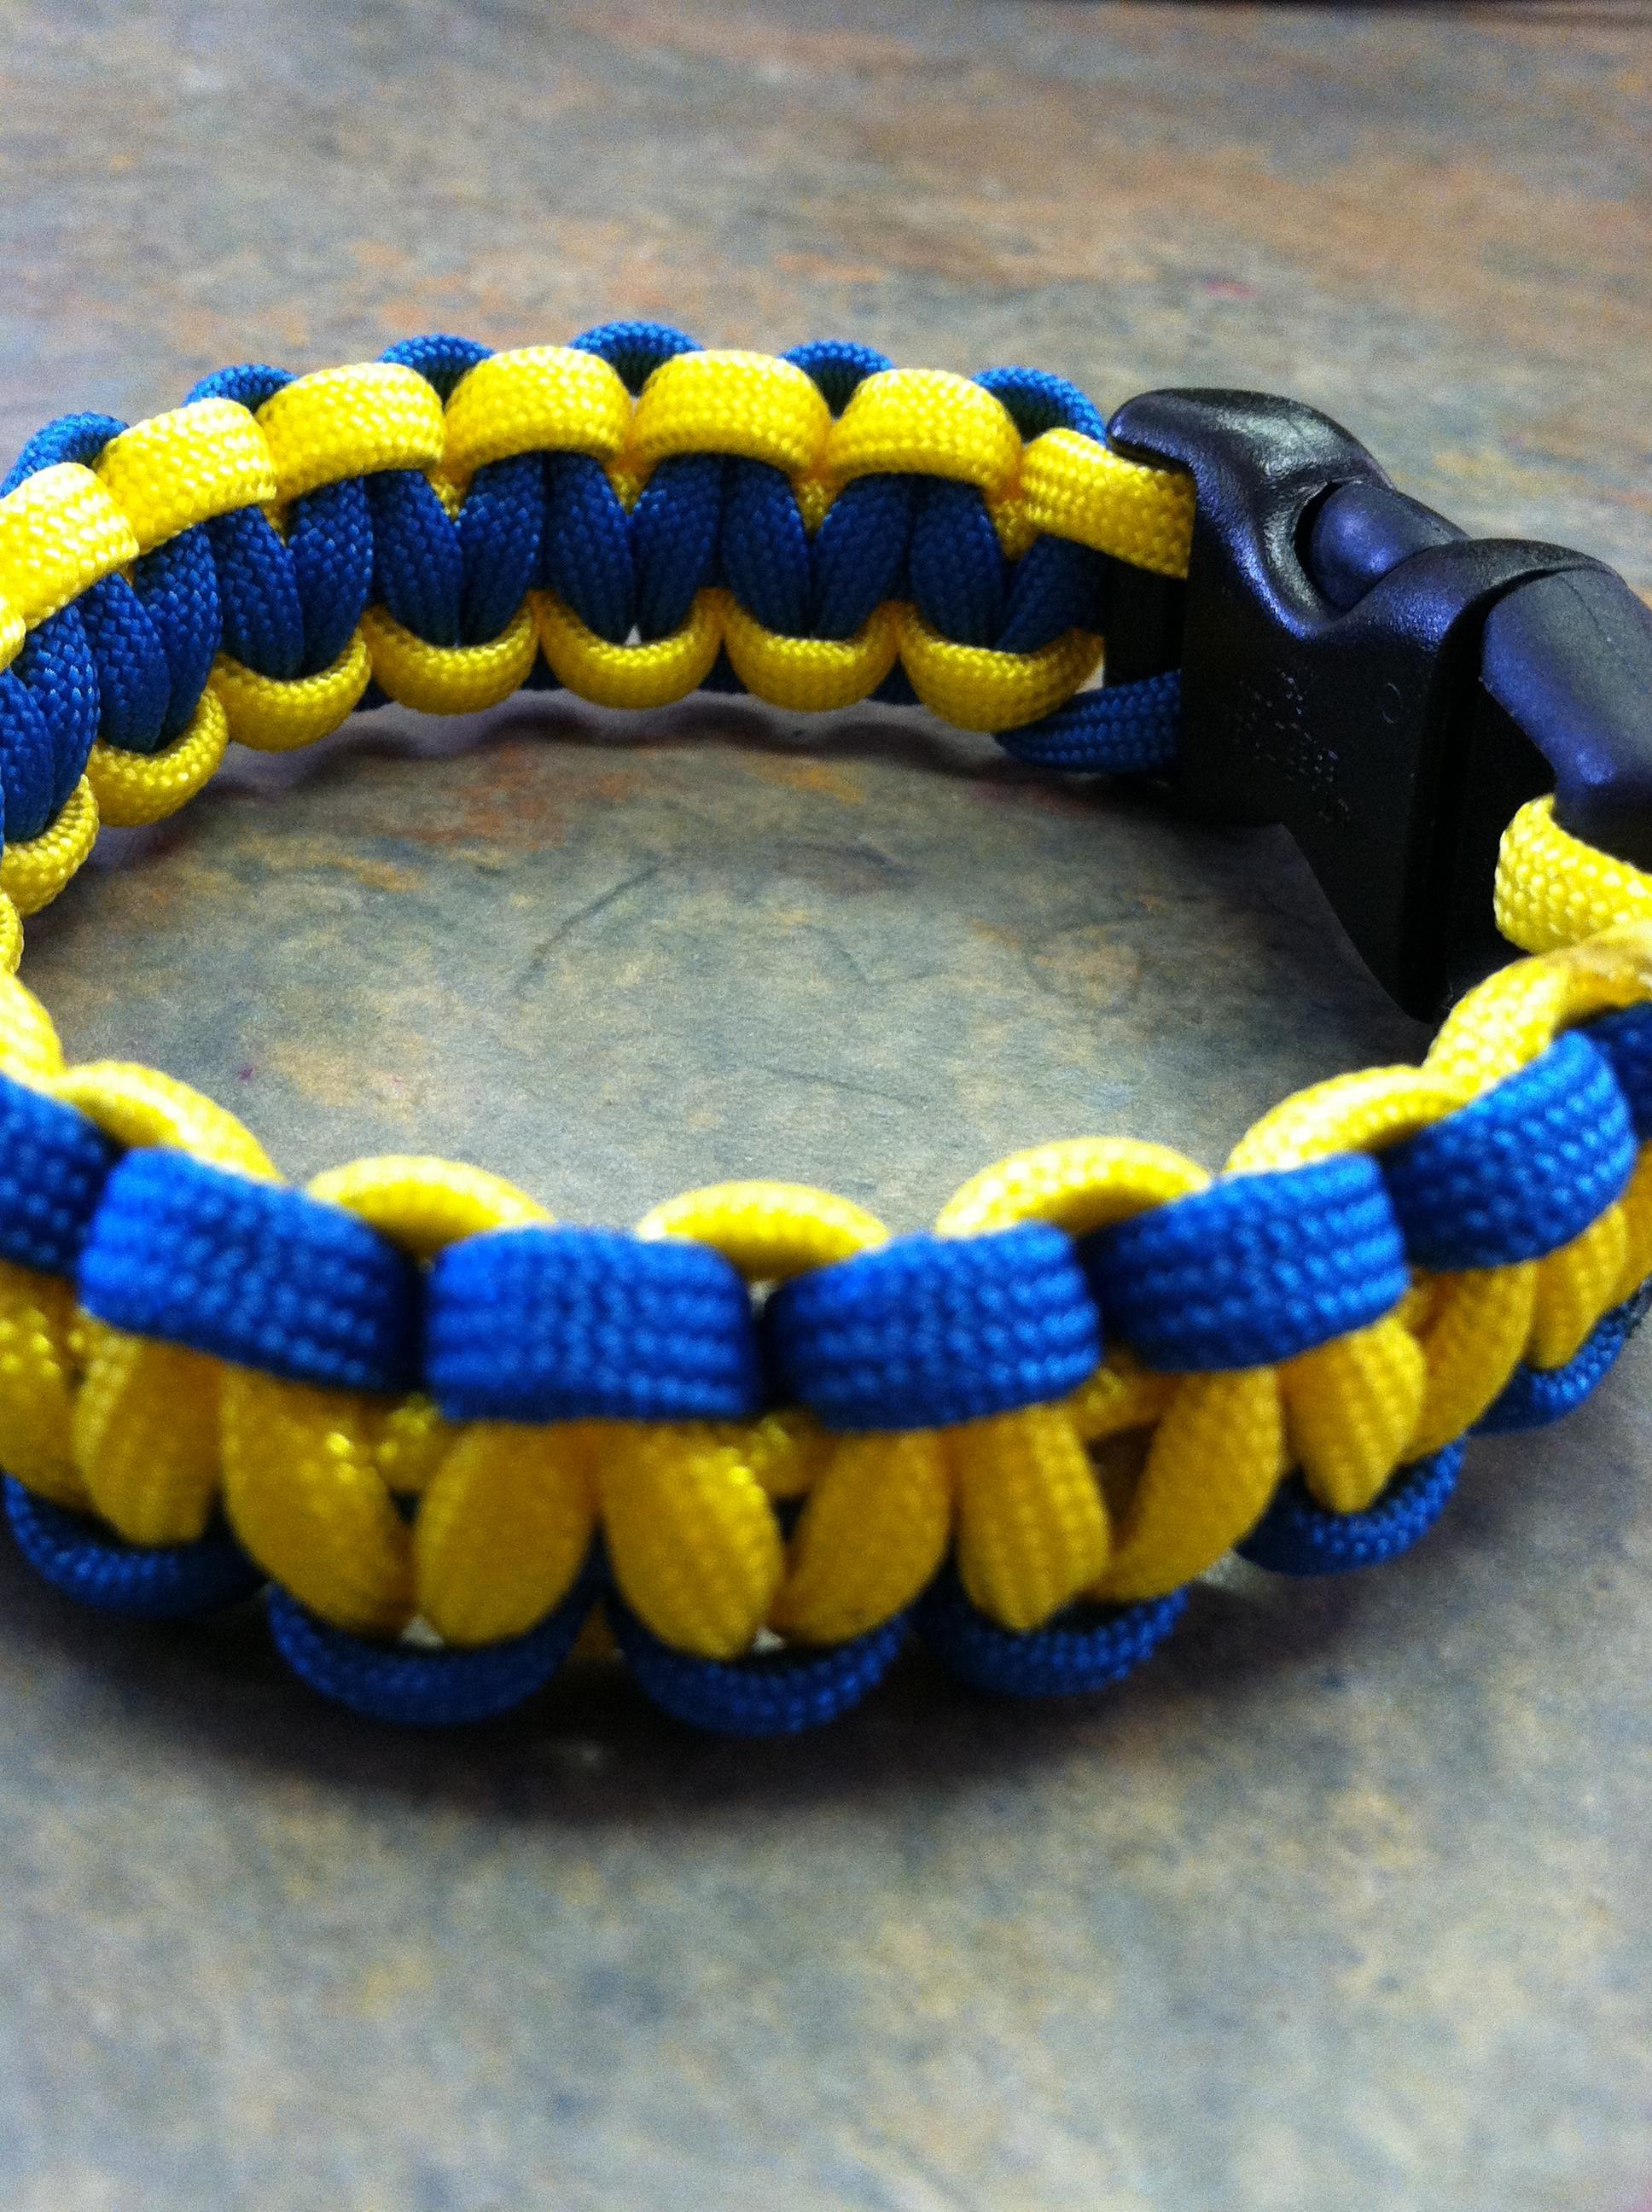 2 Color Paracord Bracelet (Tutorial)